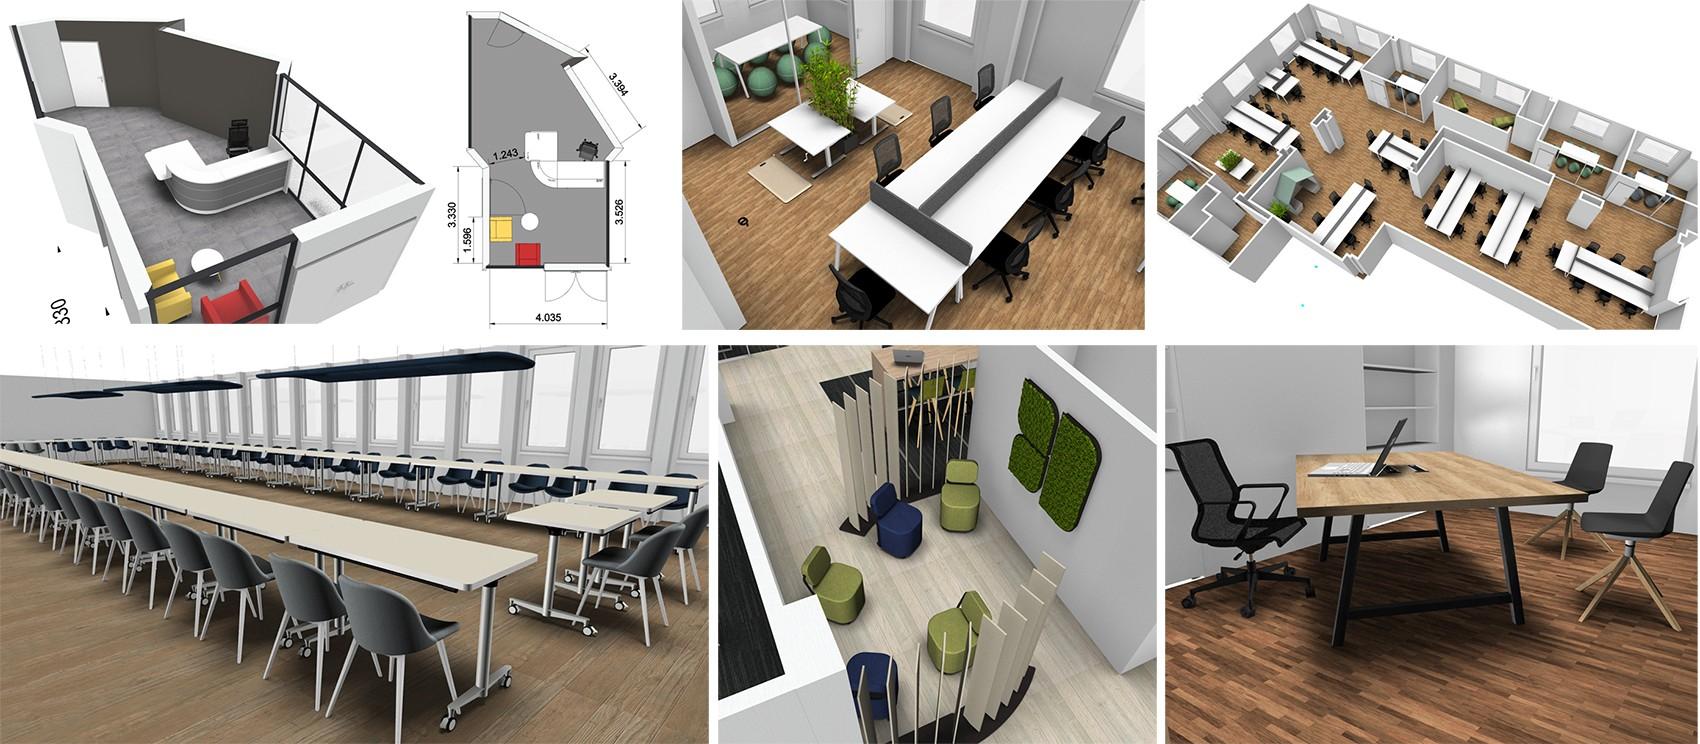 Réalisation d'aménagements de bureaux Mahora Concept